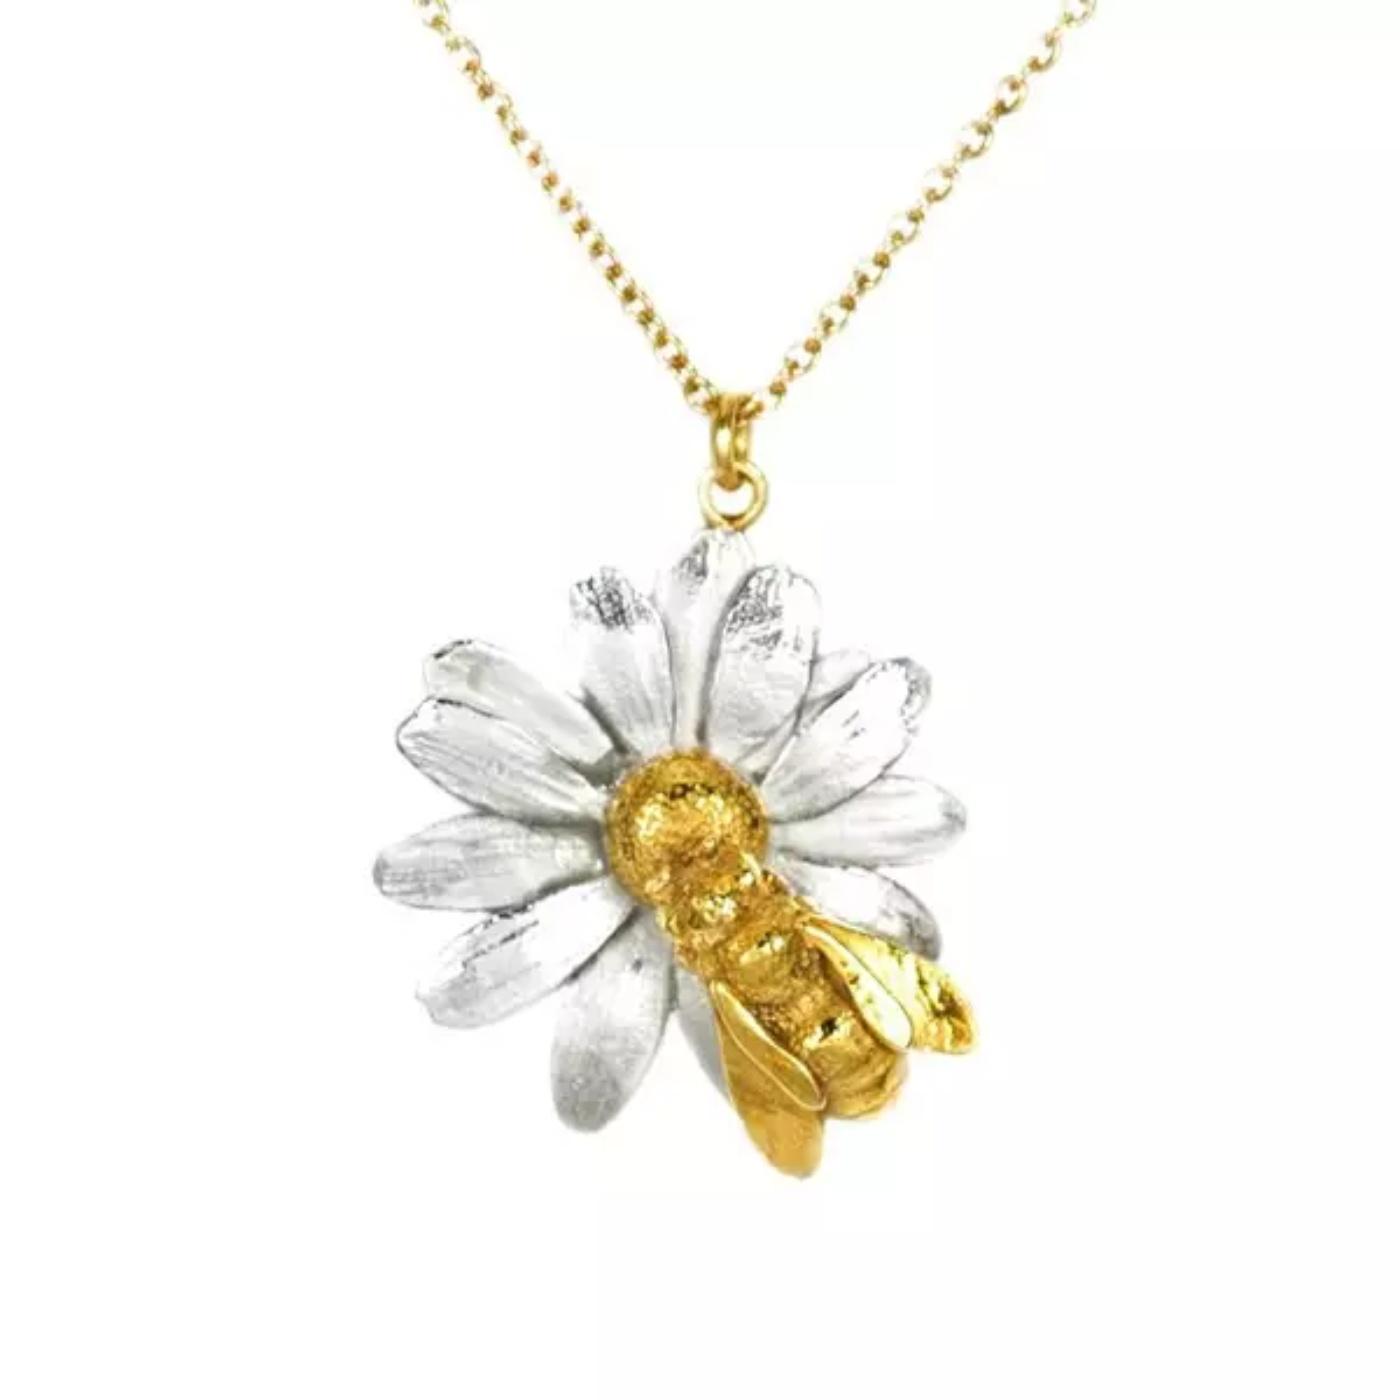 Fashion Jewelry Matching Skills